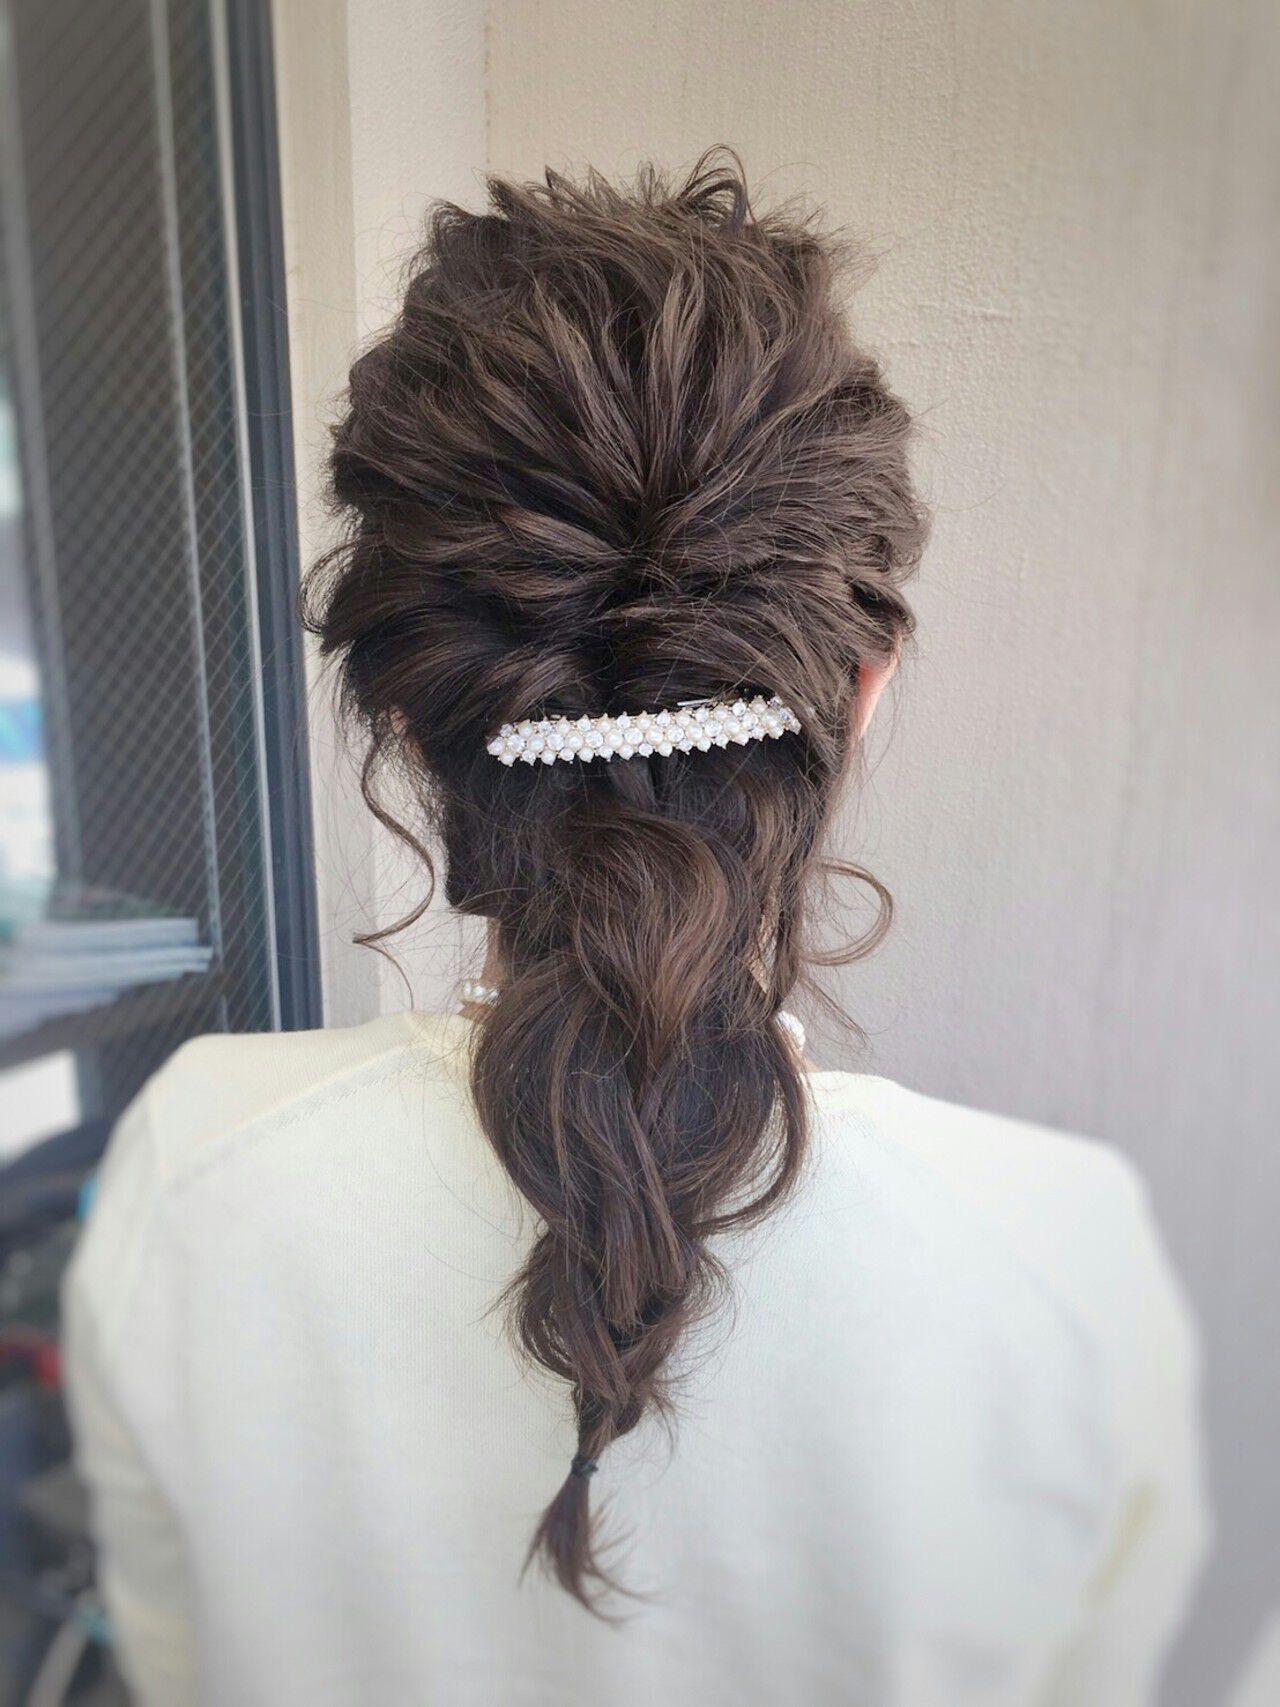 ショート 上品 結婚式 簡単ヘアアレンジヘアスタイルや髪型の写真・画像